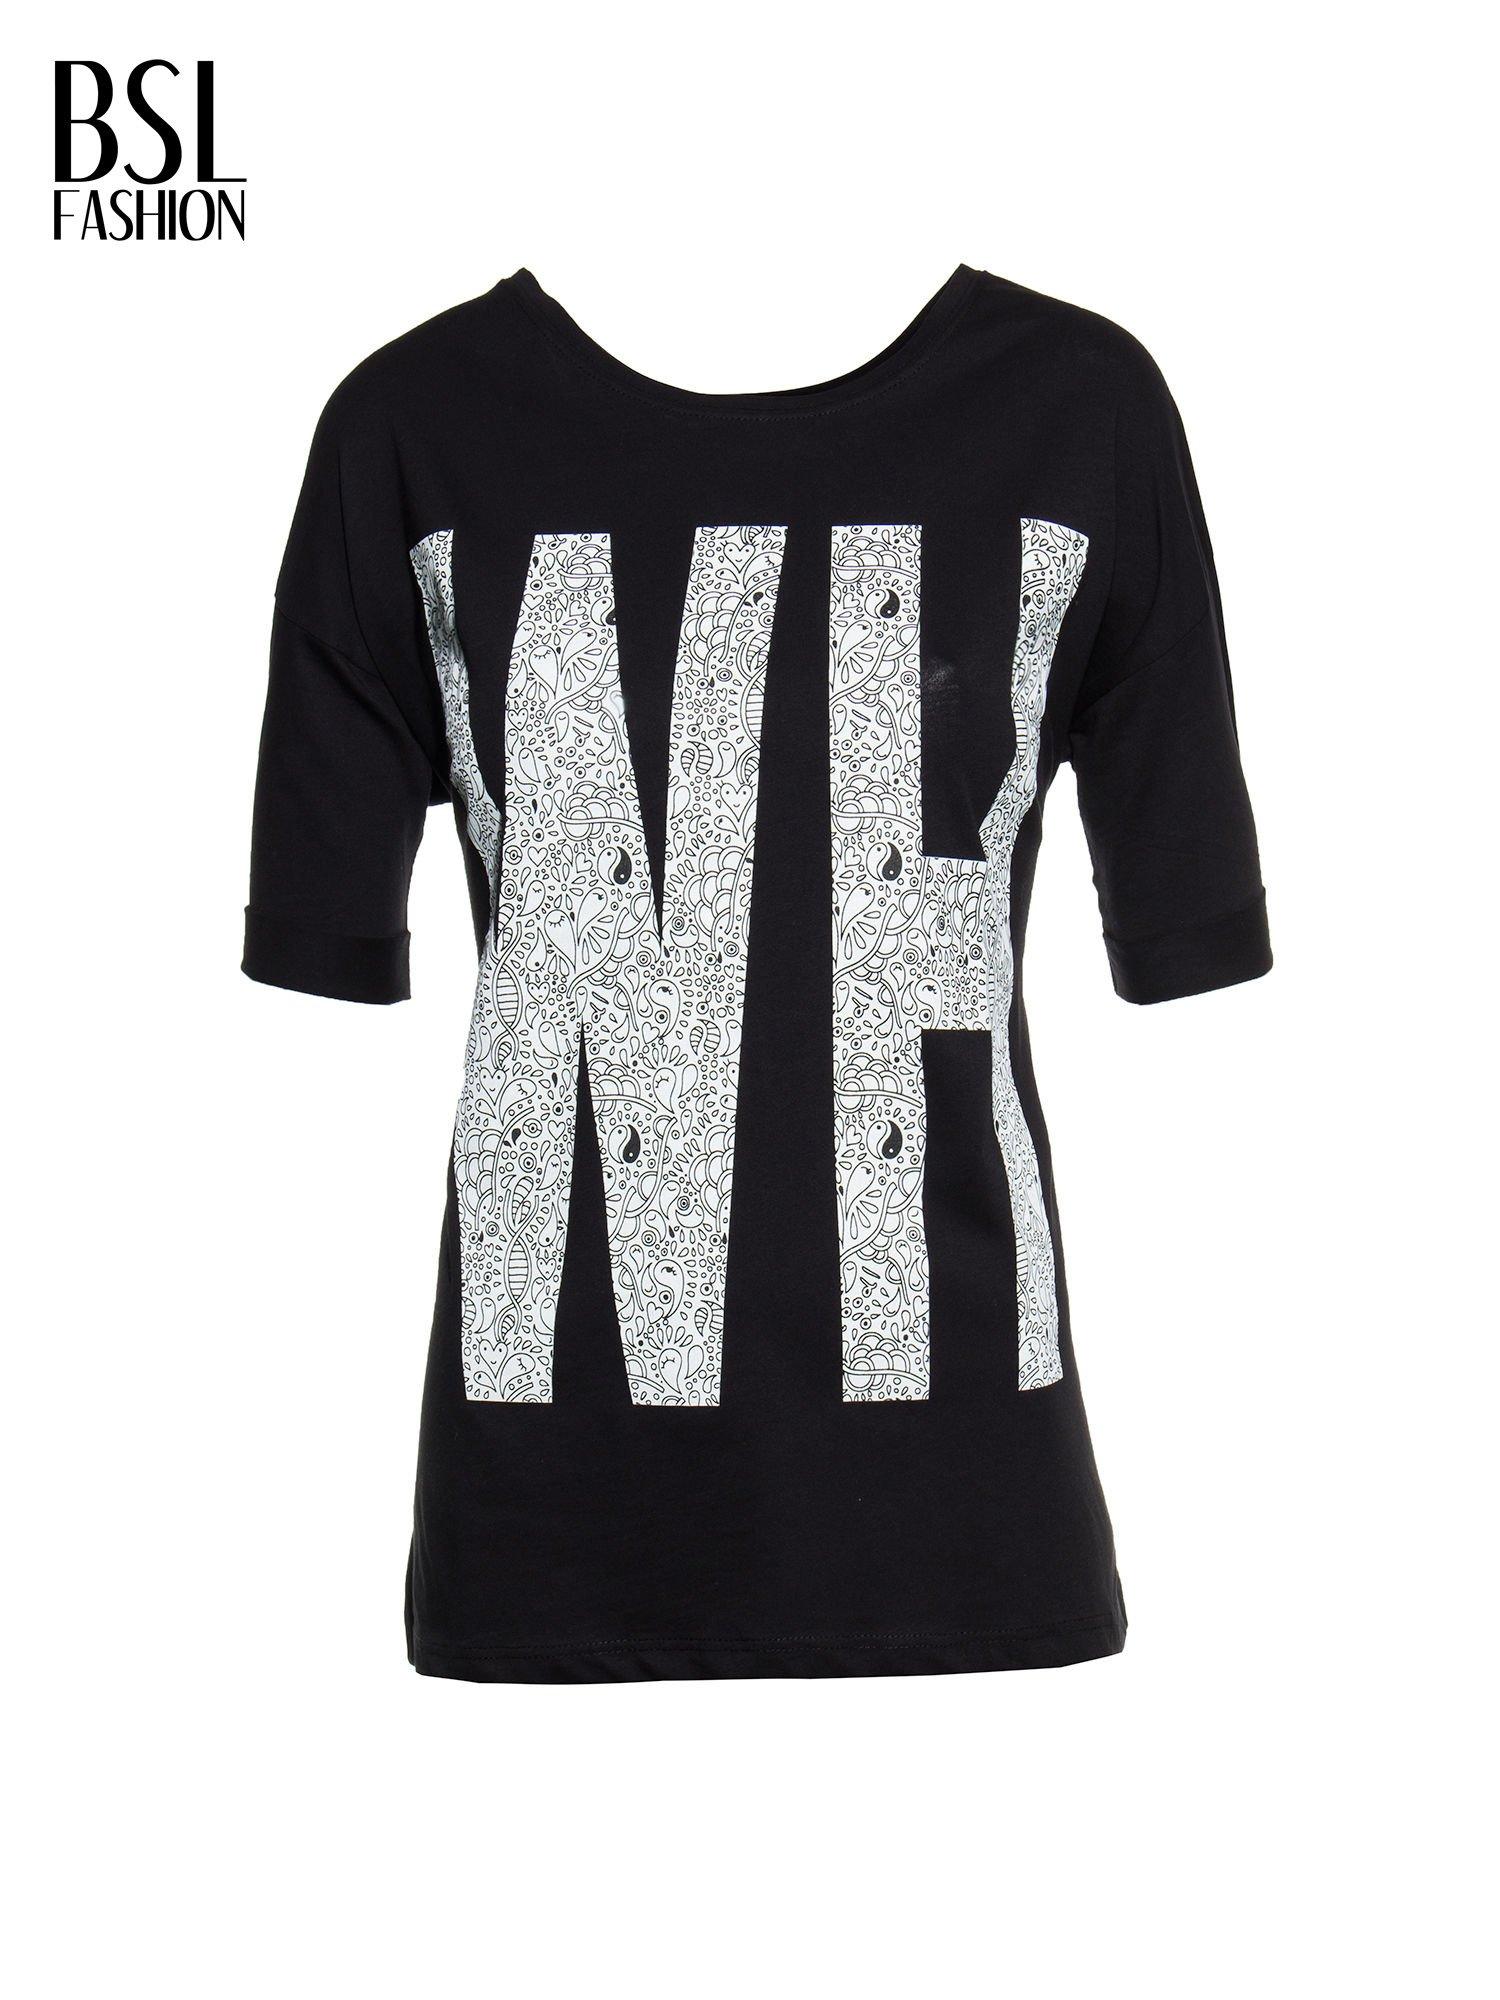 Czarny t-shirt z nadukiem WHY? z przodu i na plecach                                  zdj.                                  2